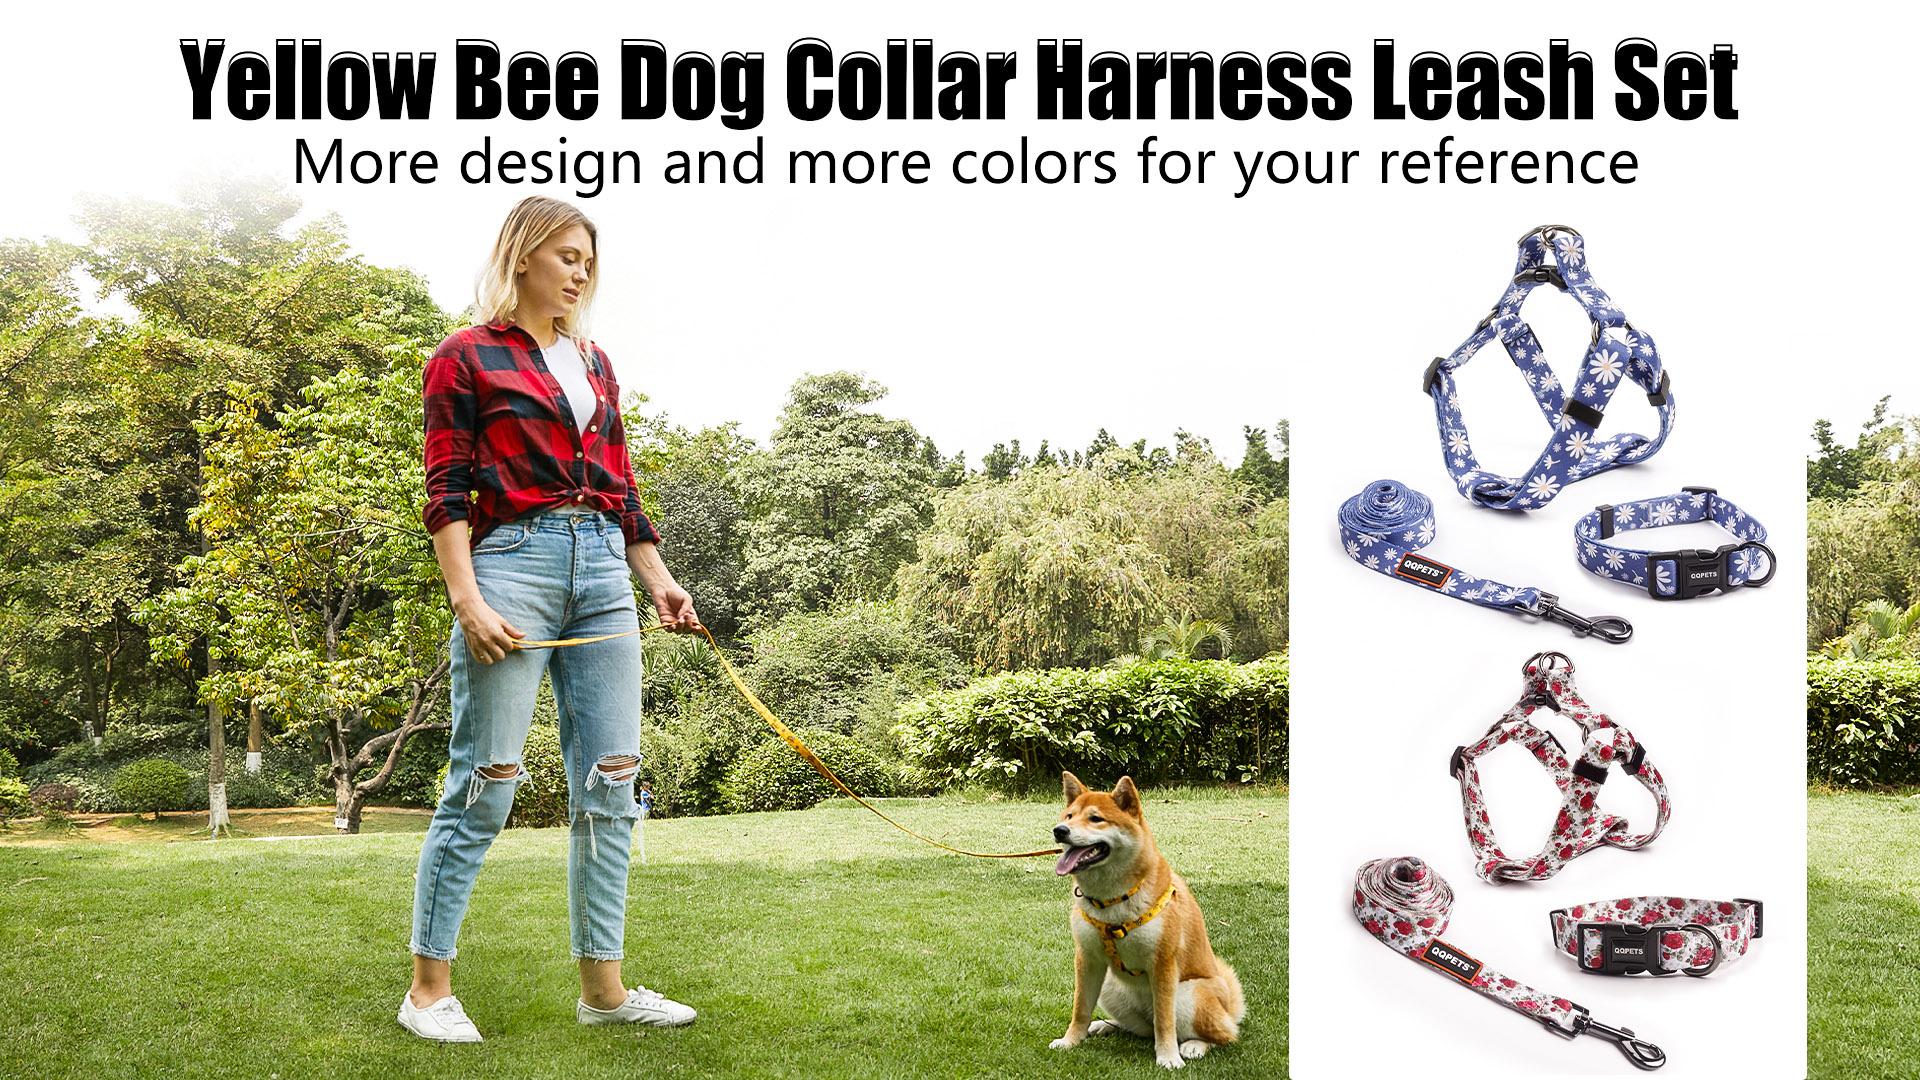 Personalisierte einstellbare gelbe Bienenhundkragen-Kabelbaum-Leine Set für Ihren besten Freund